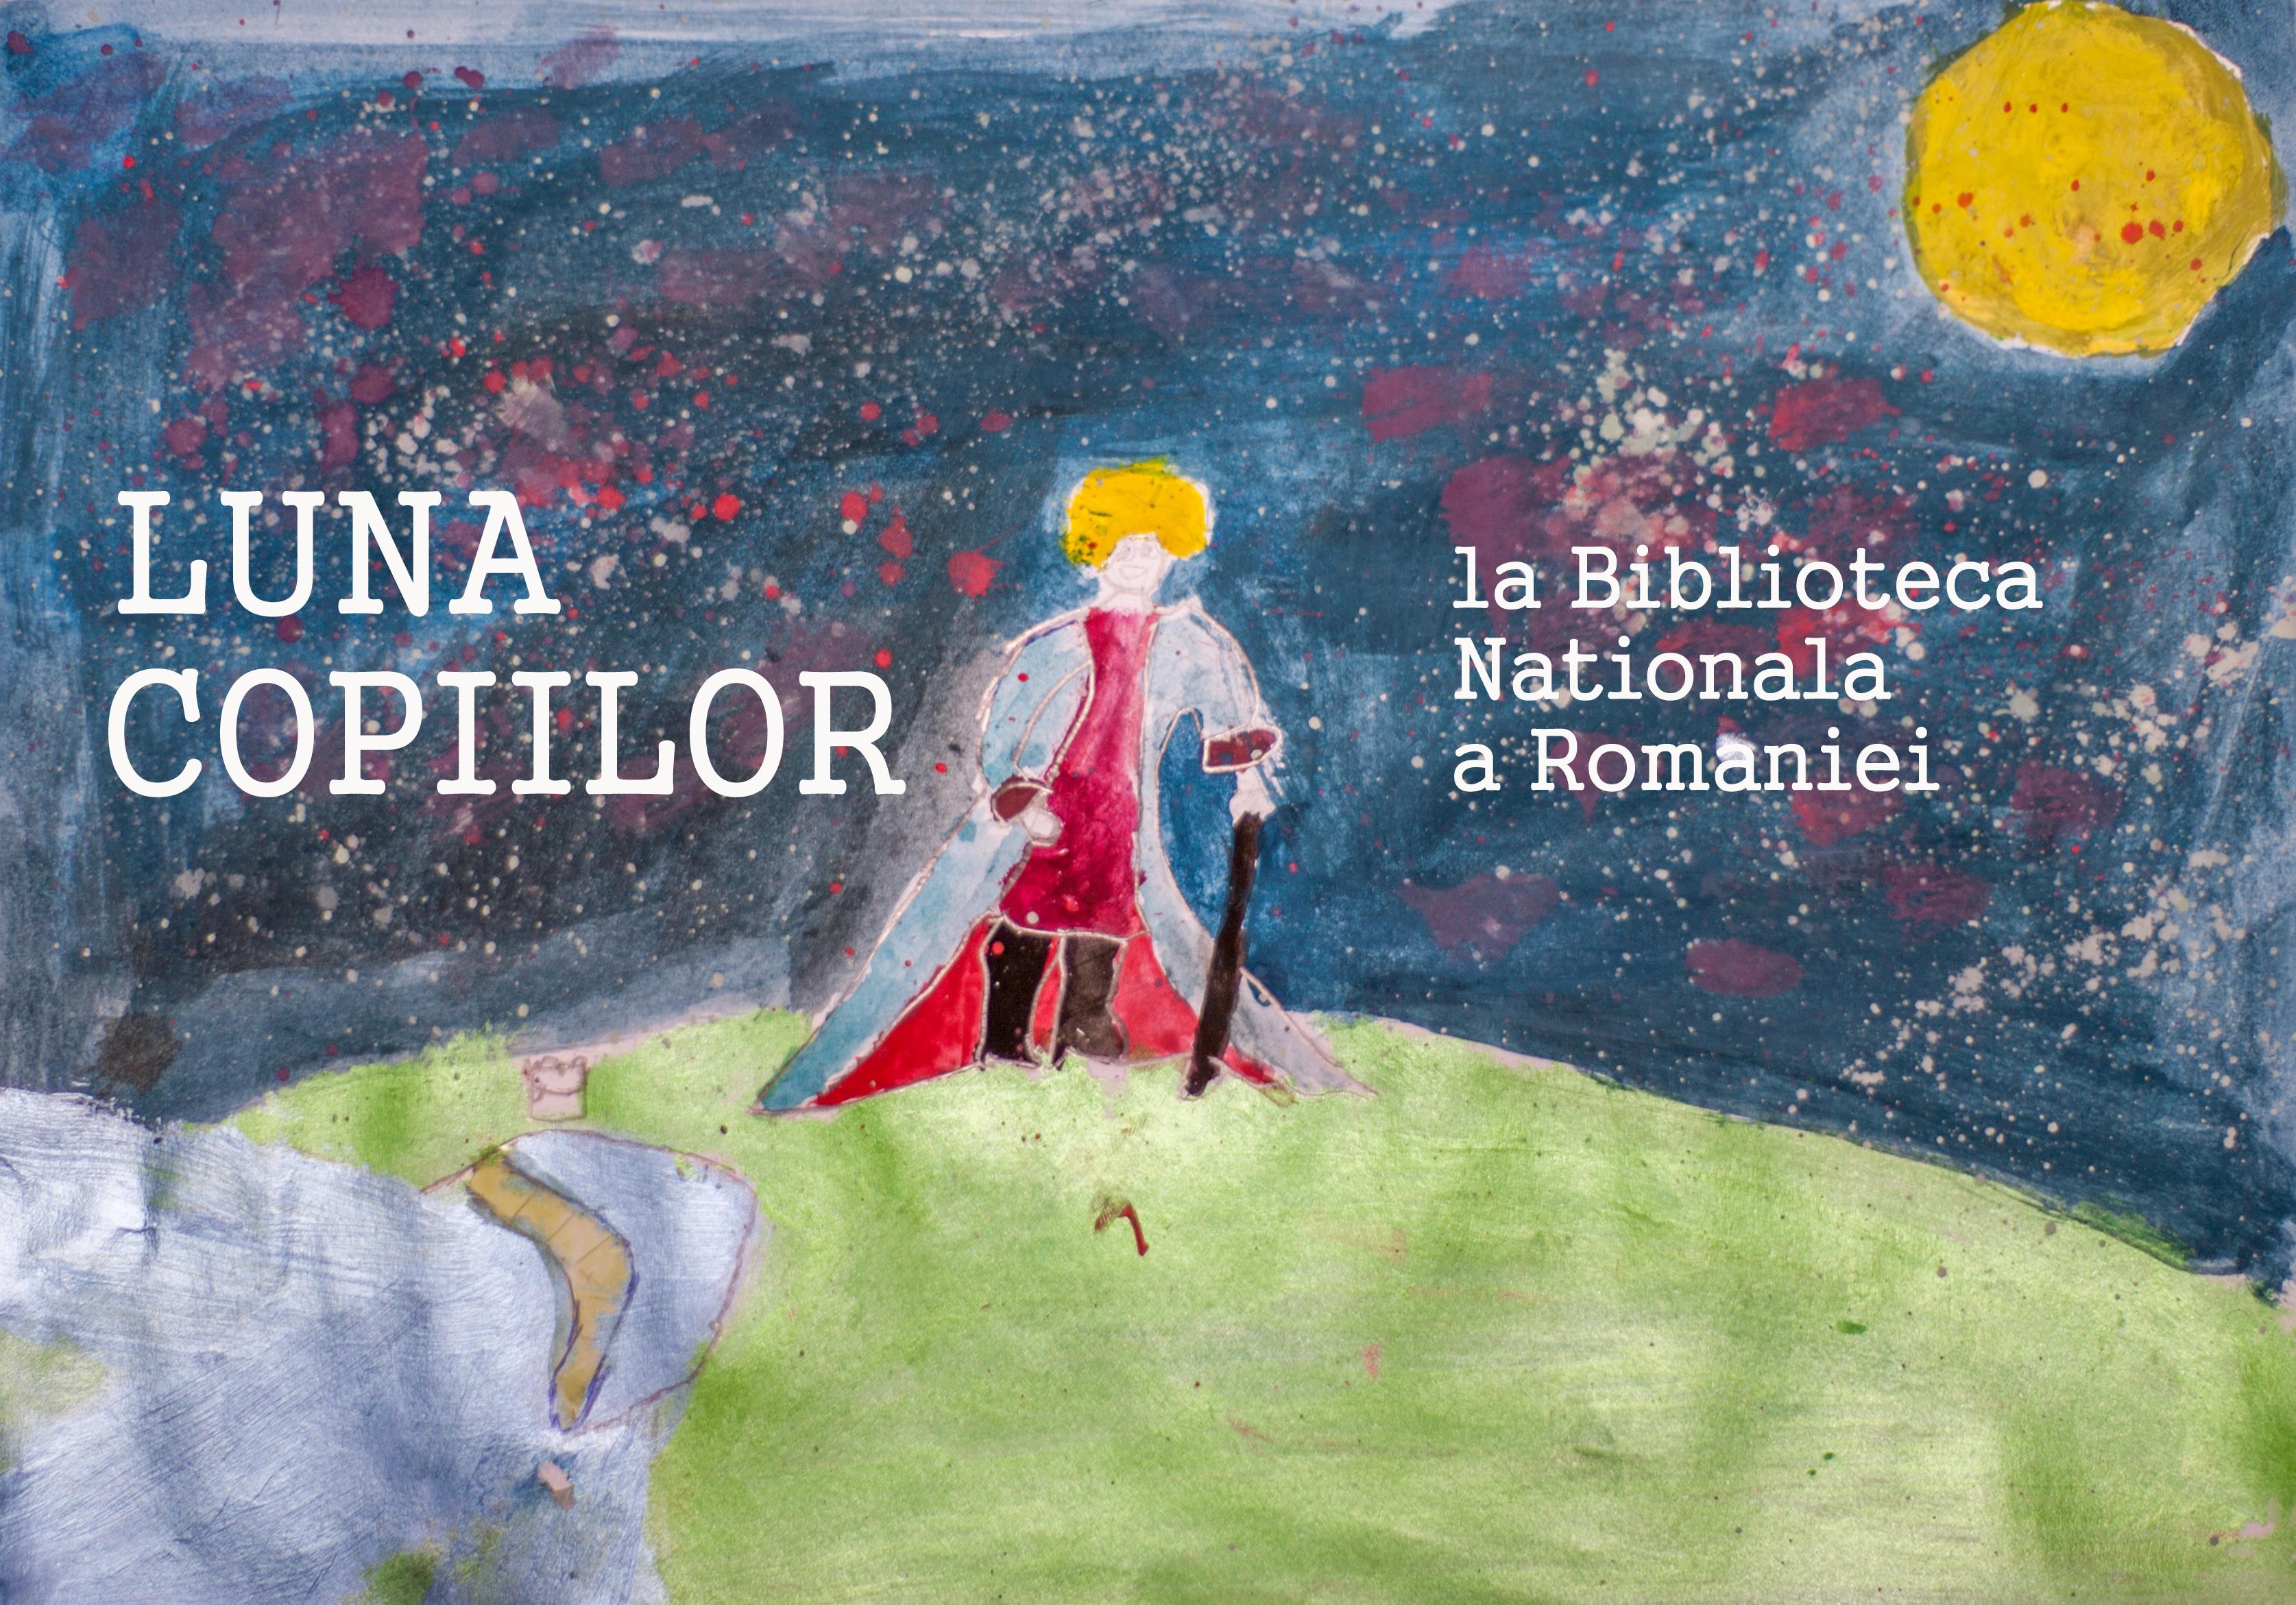 Atelier de lectură cu scriitoarea Lavinia Braniște,  marți, 12 iunie, 18:00 - 19:30.